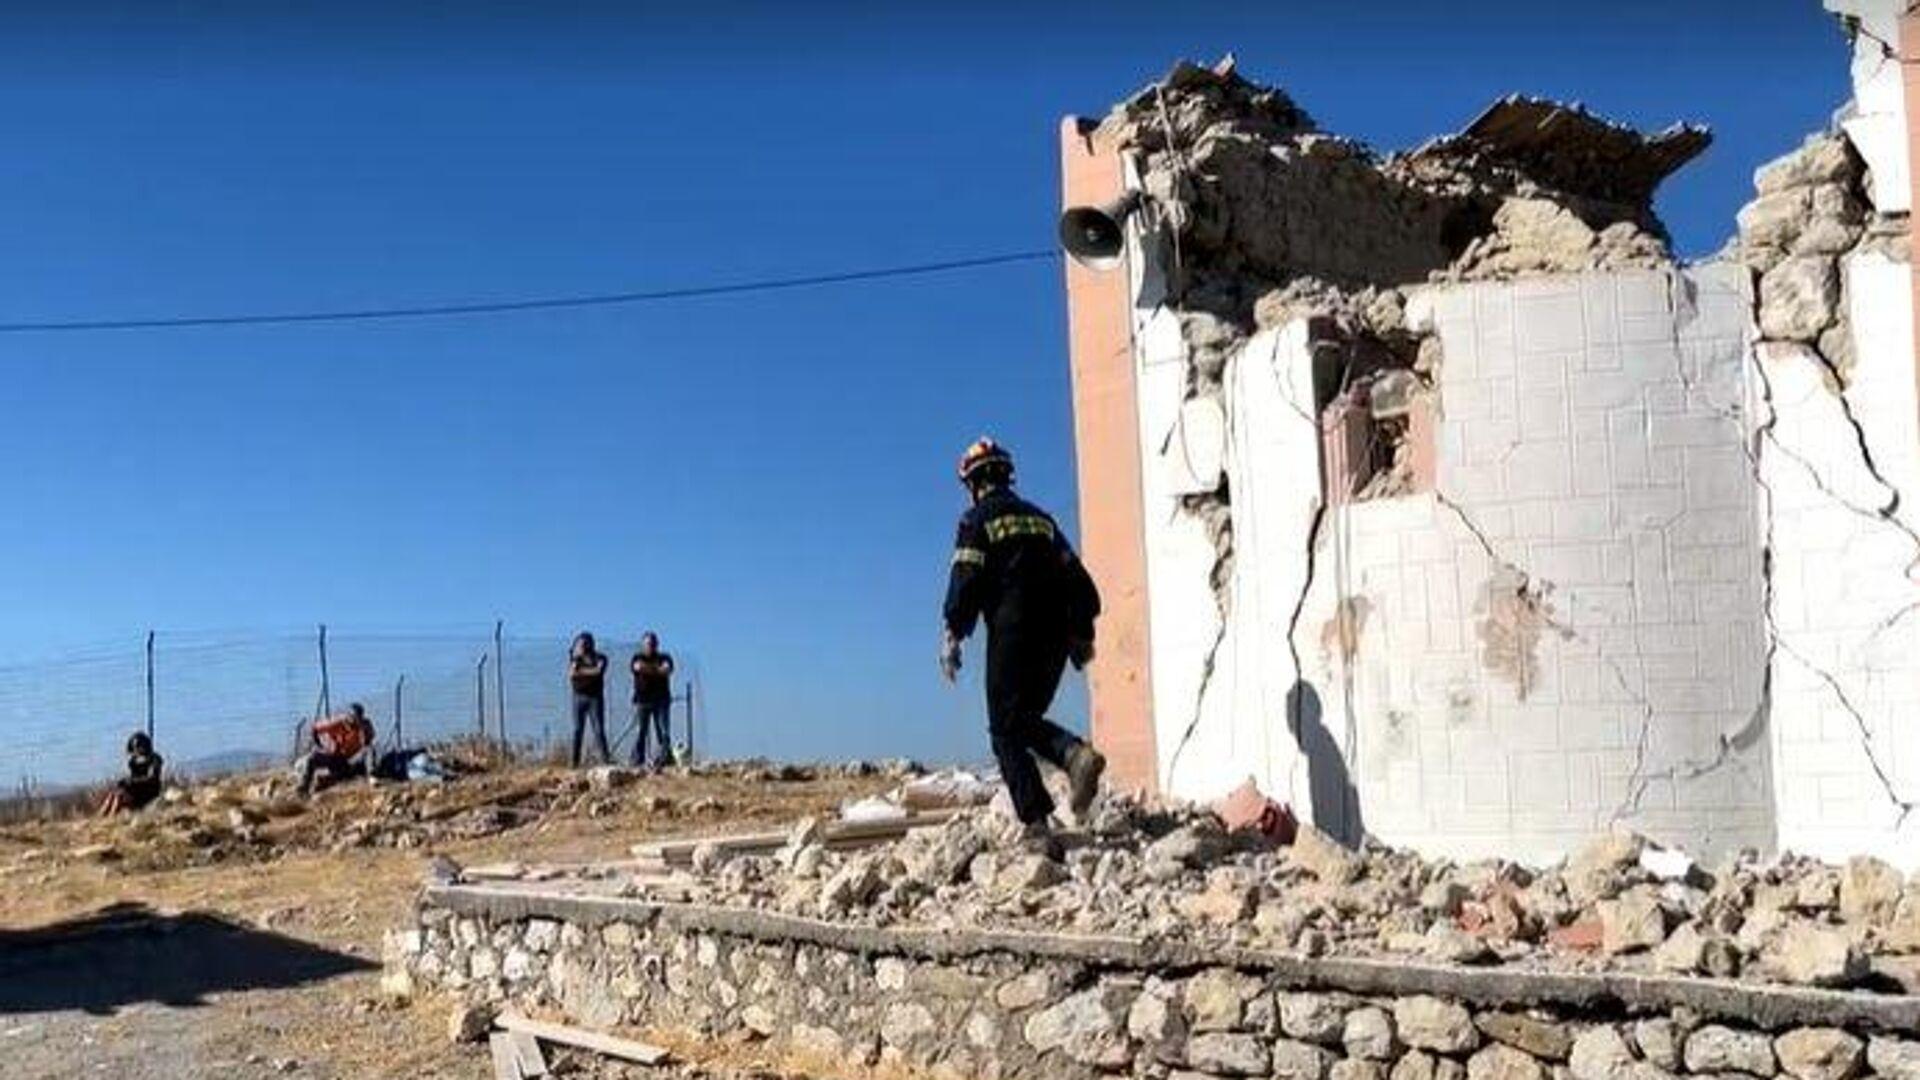 Το εκκλησάκι του Προφήτη Ηλία όπου βρέθηκε νεκρός ένας εργάτης - Sputnik Ελλάδα, 1920, 27.09.2021